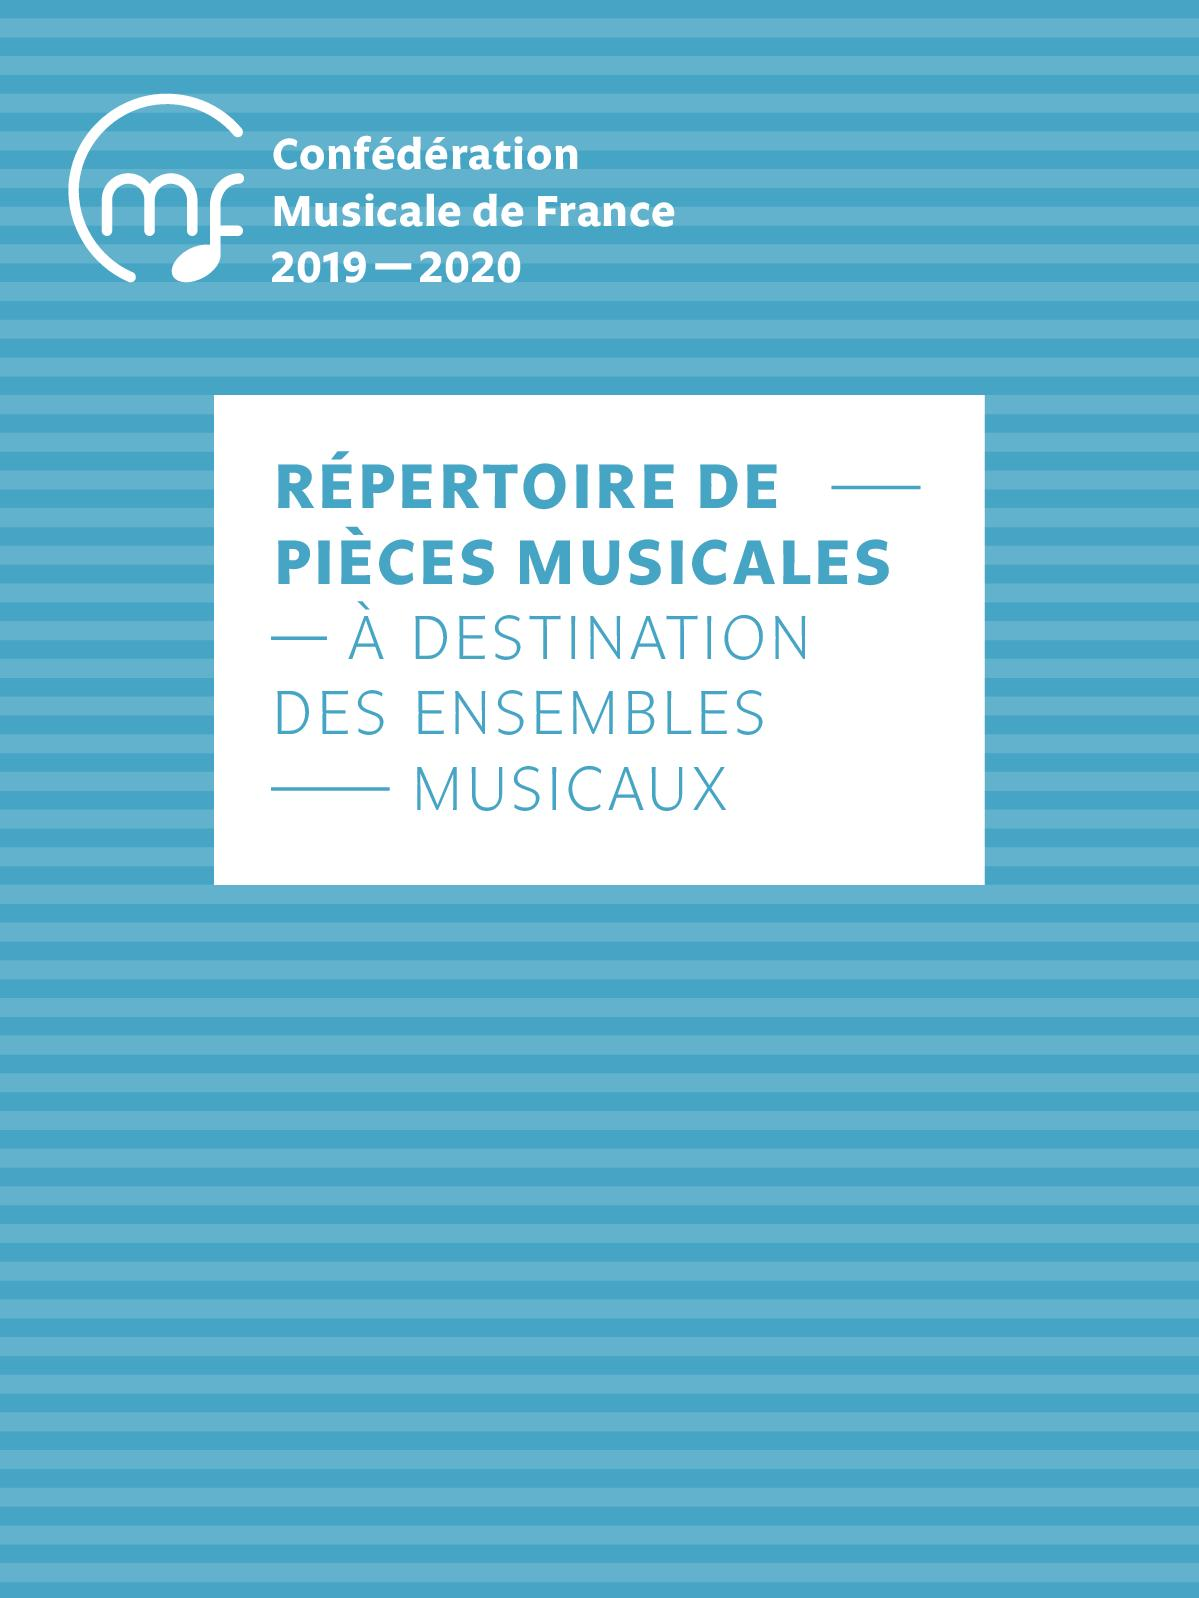 Calameo 19 20 Listes Ensembles Musicaux